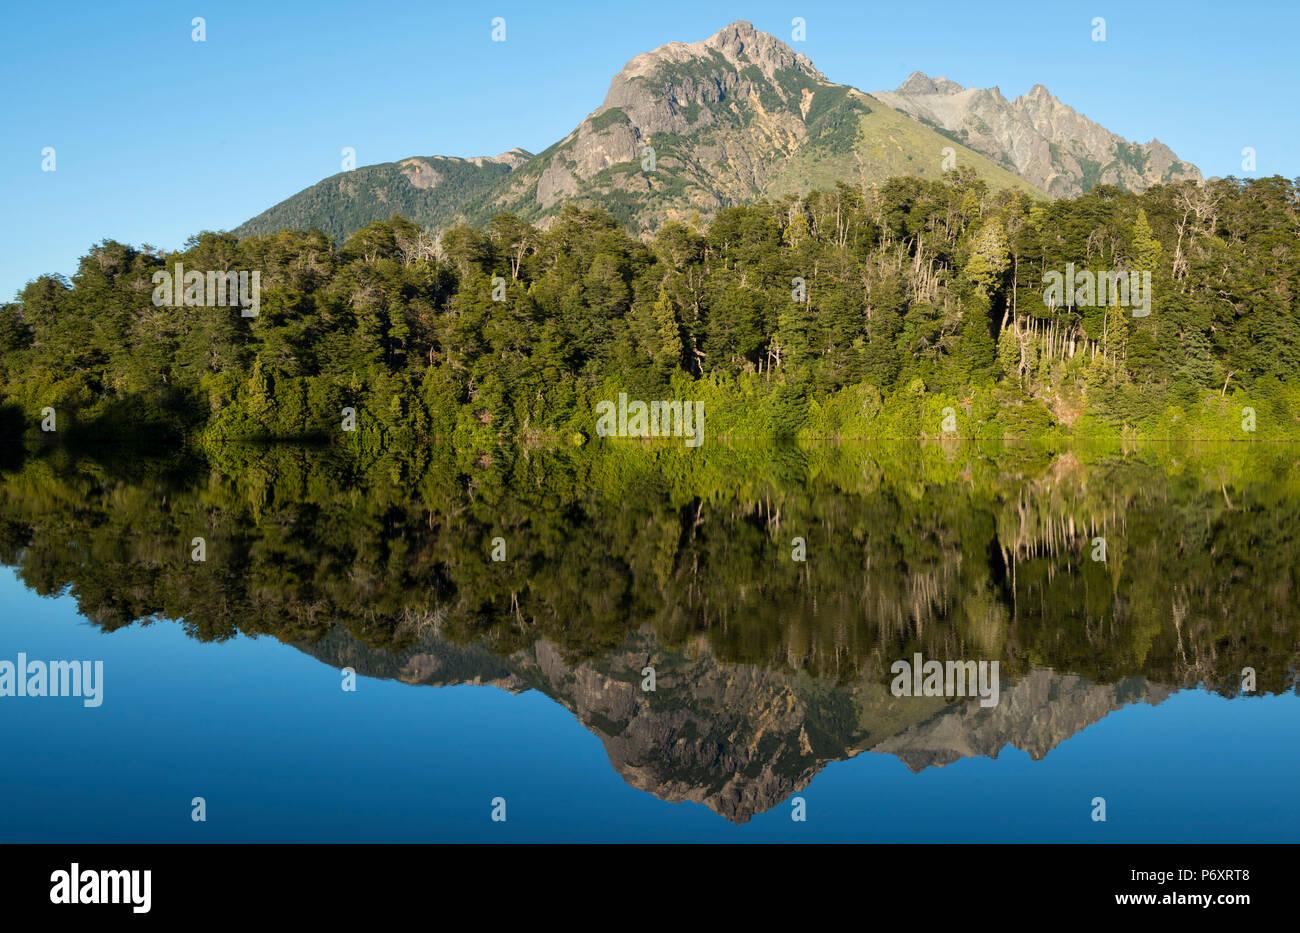 South America, Argentina, Patagonia, Rio Negro, Nahuel Huapi National Park, Lago Escondido - Stock Image